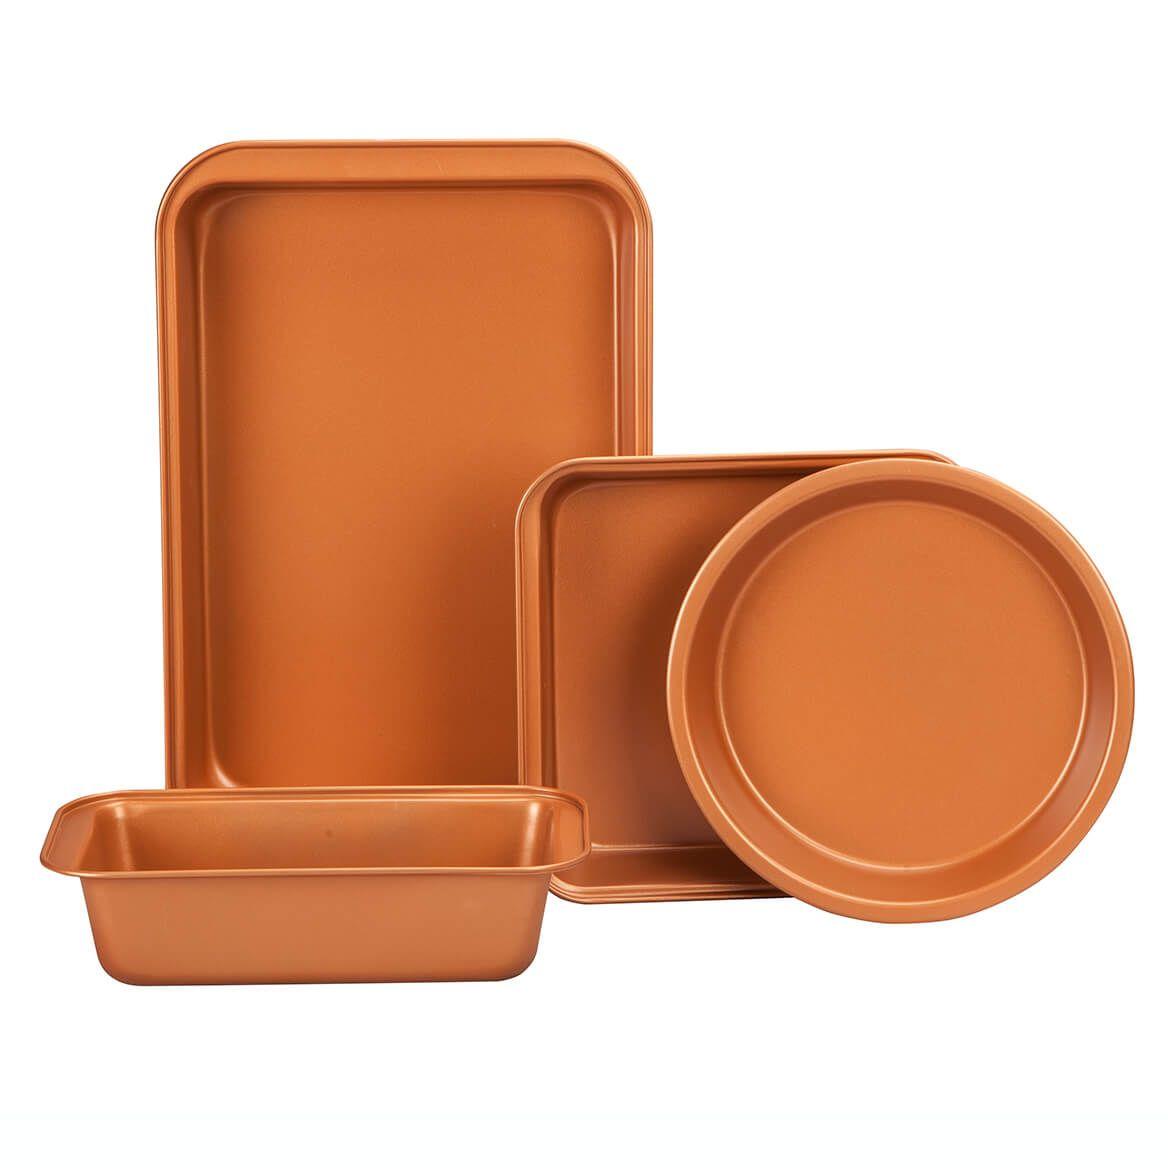 Copper Ceramic 4 PC Value Bakeware Set-363336